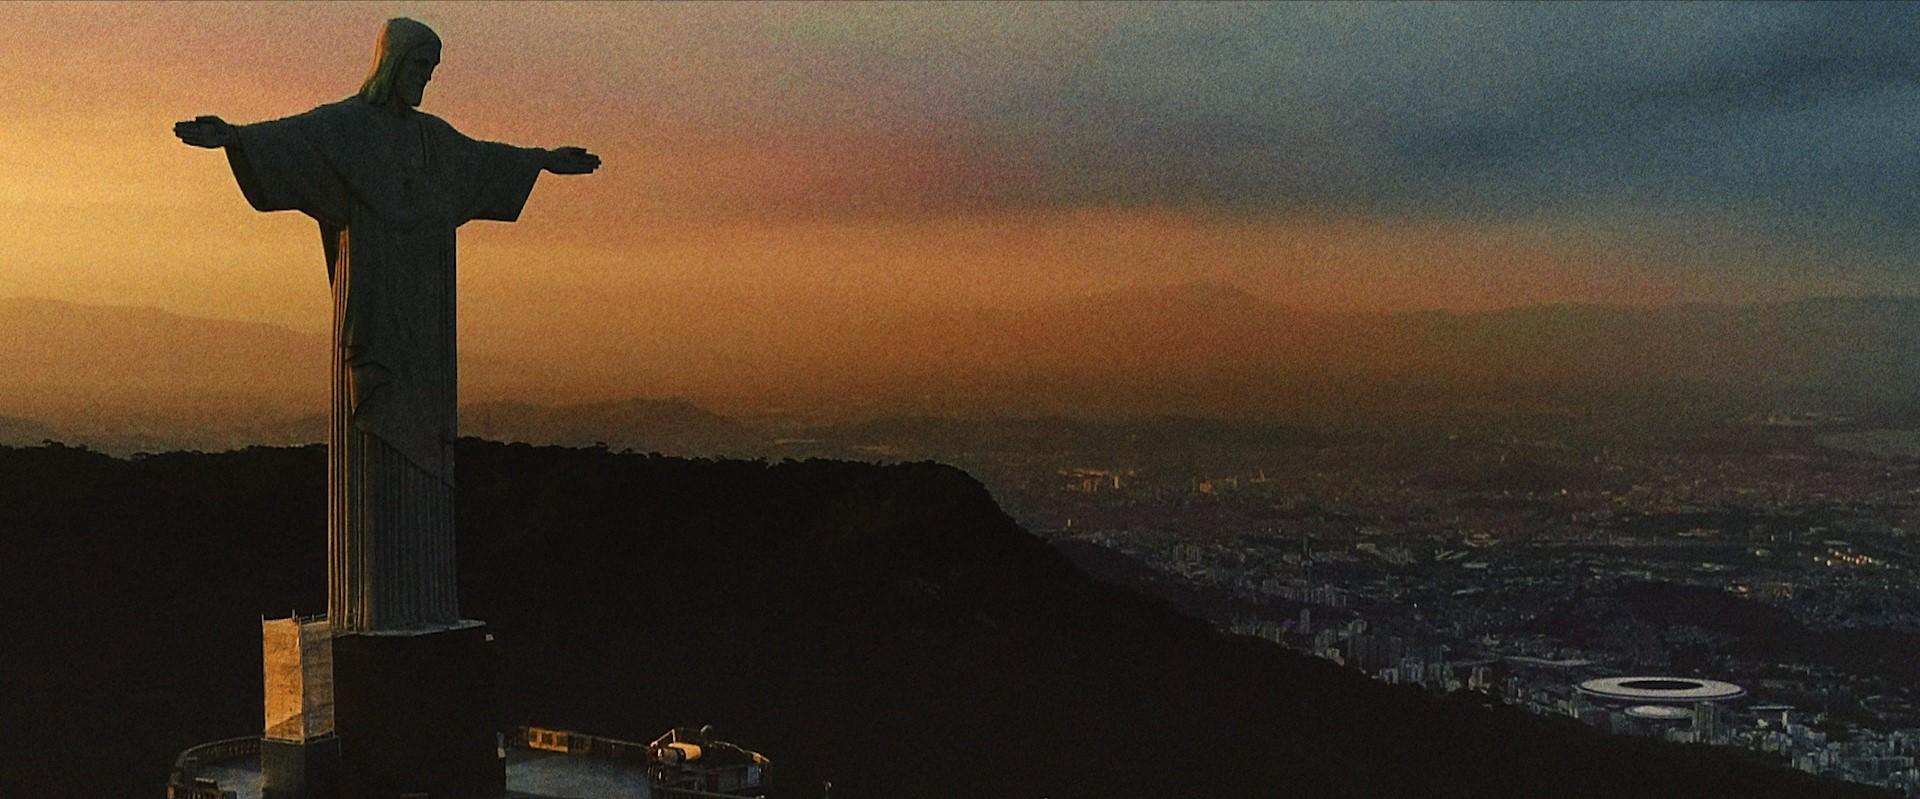 Na imagem, aparece a estátua do Cristo Redentor, e ao fundo o estádio do Maracanã.